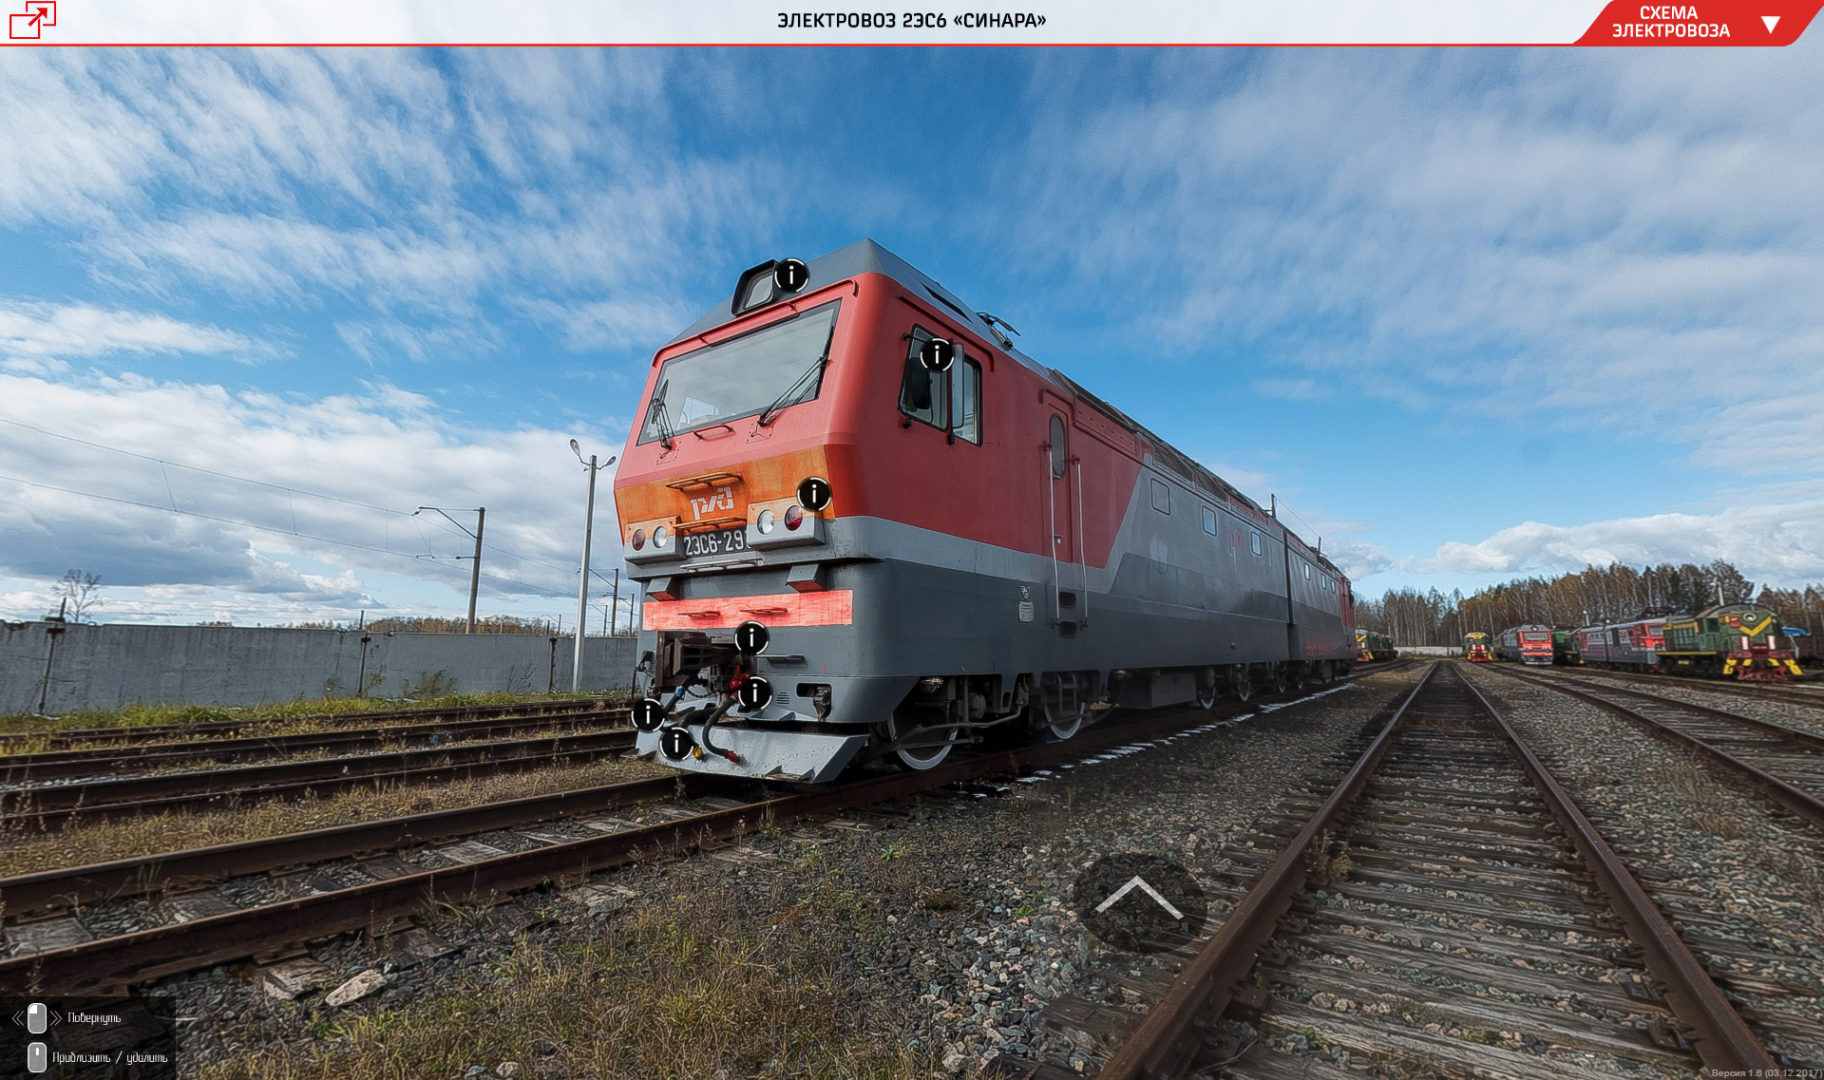 sinara 2017 page 1824x1080 Виртуальная экскурсия по электровозу 2ЭС6 Синара (учебная)